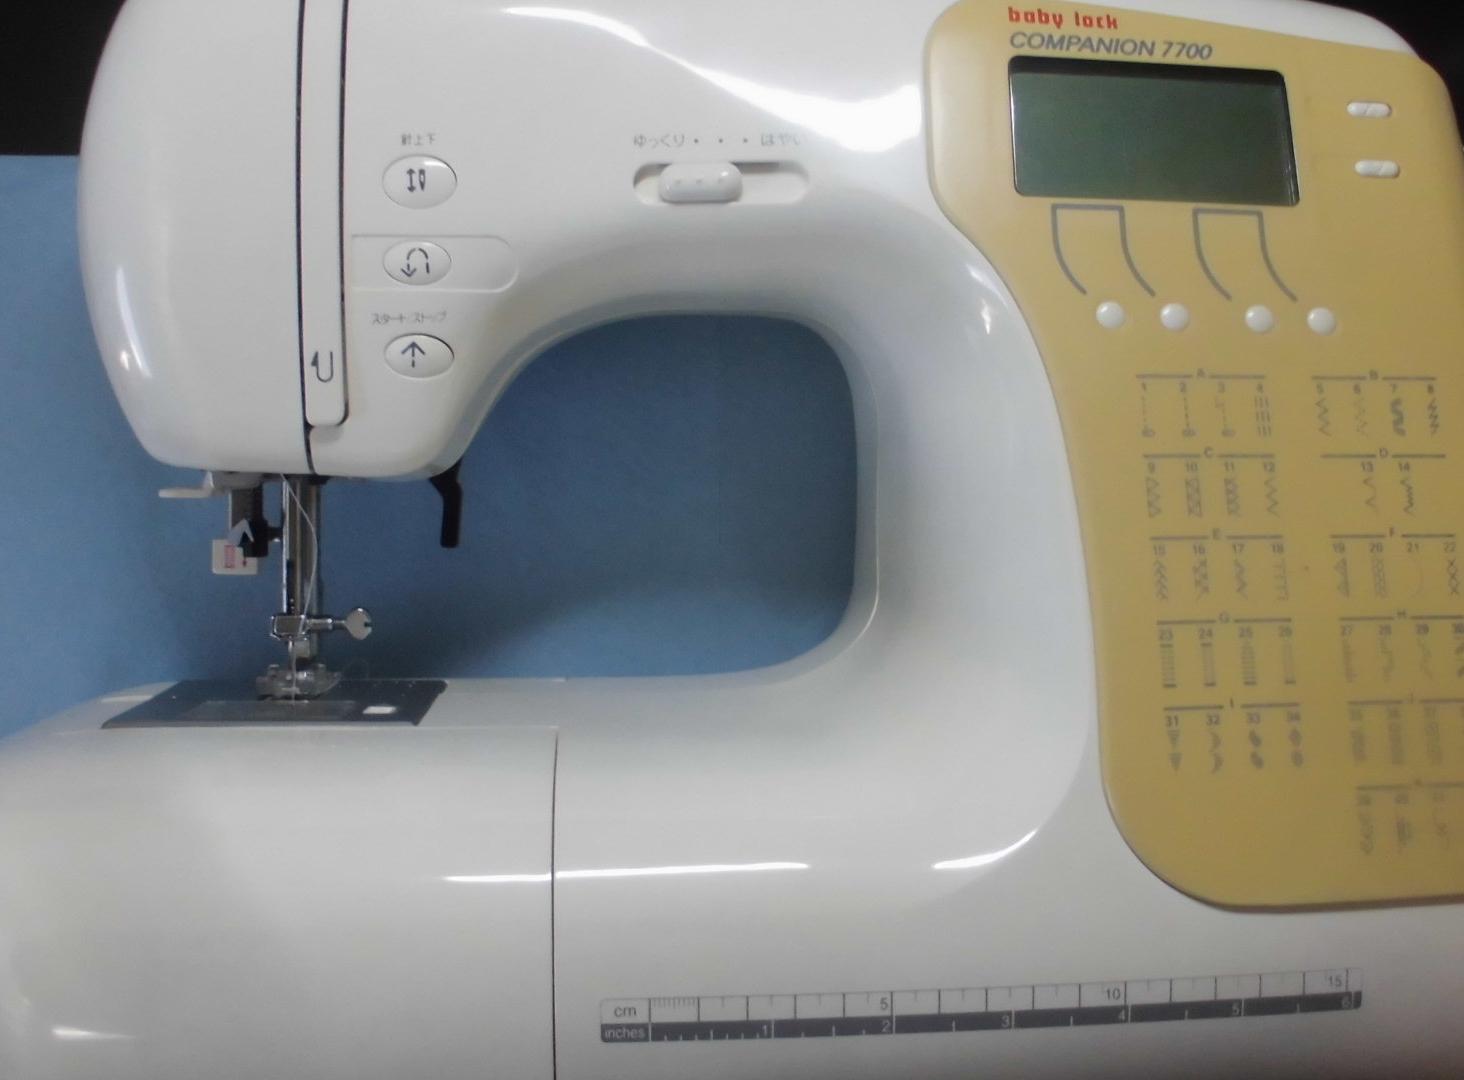 ベビーロックミシン修理|COMPANION7700|縫えない、糸が絡まる、糸調子不良